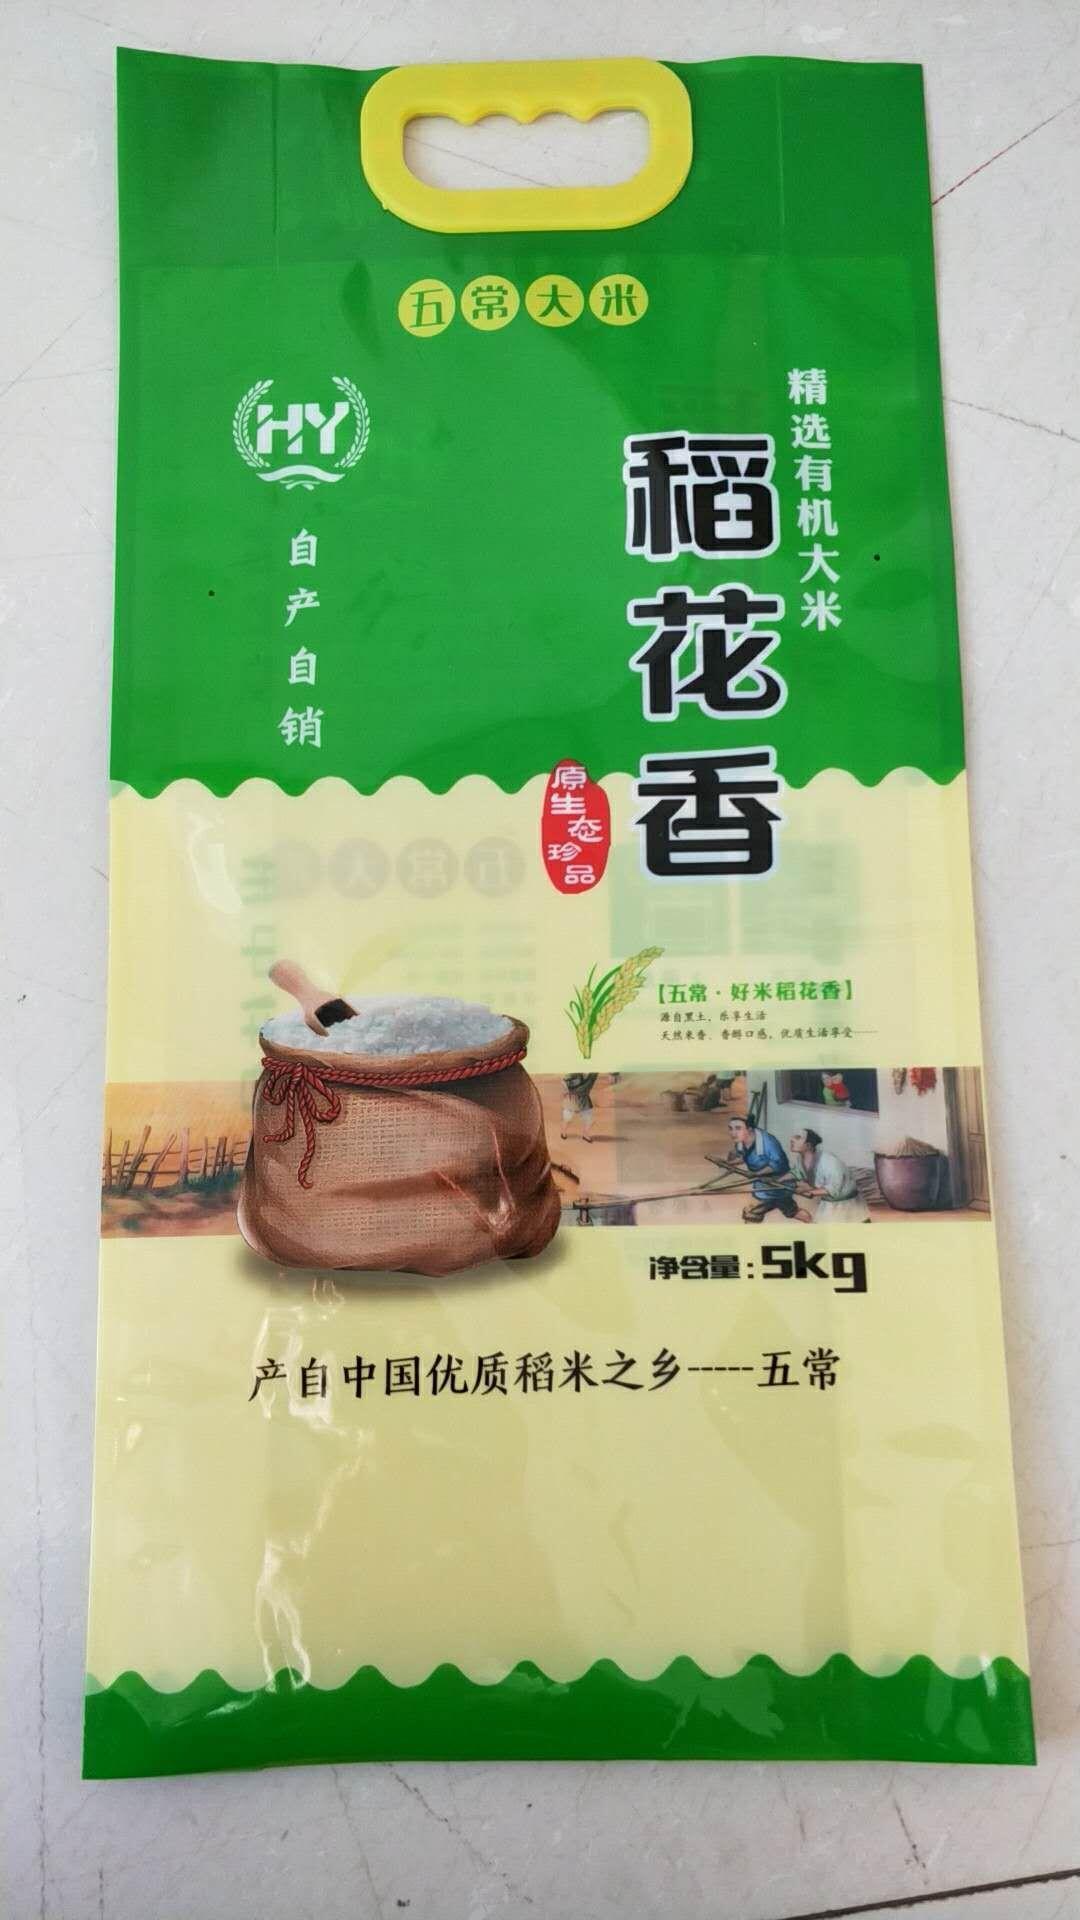 定制哈尔滨大米包装袋 5